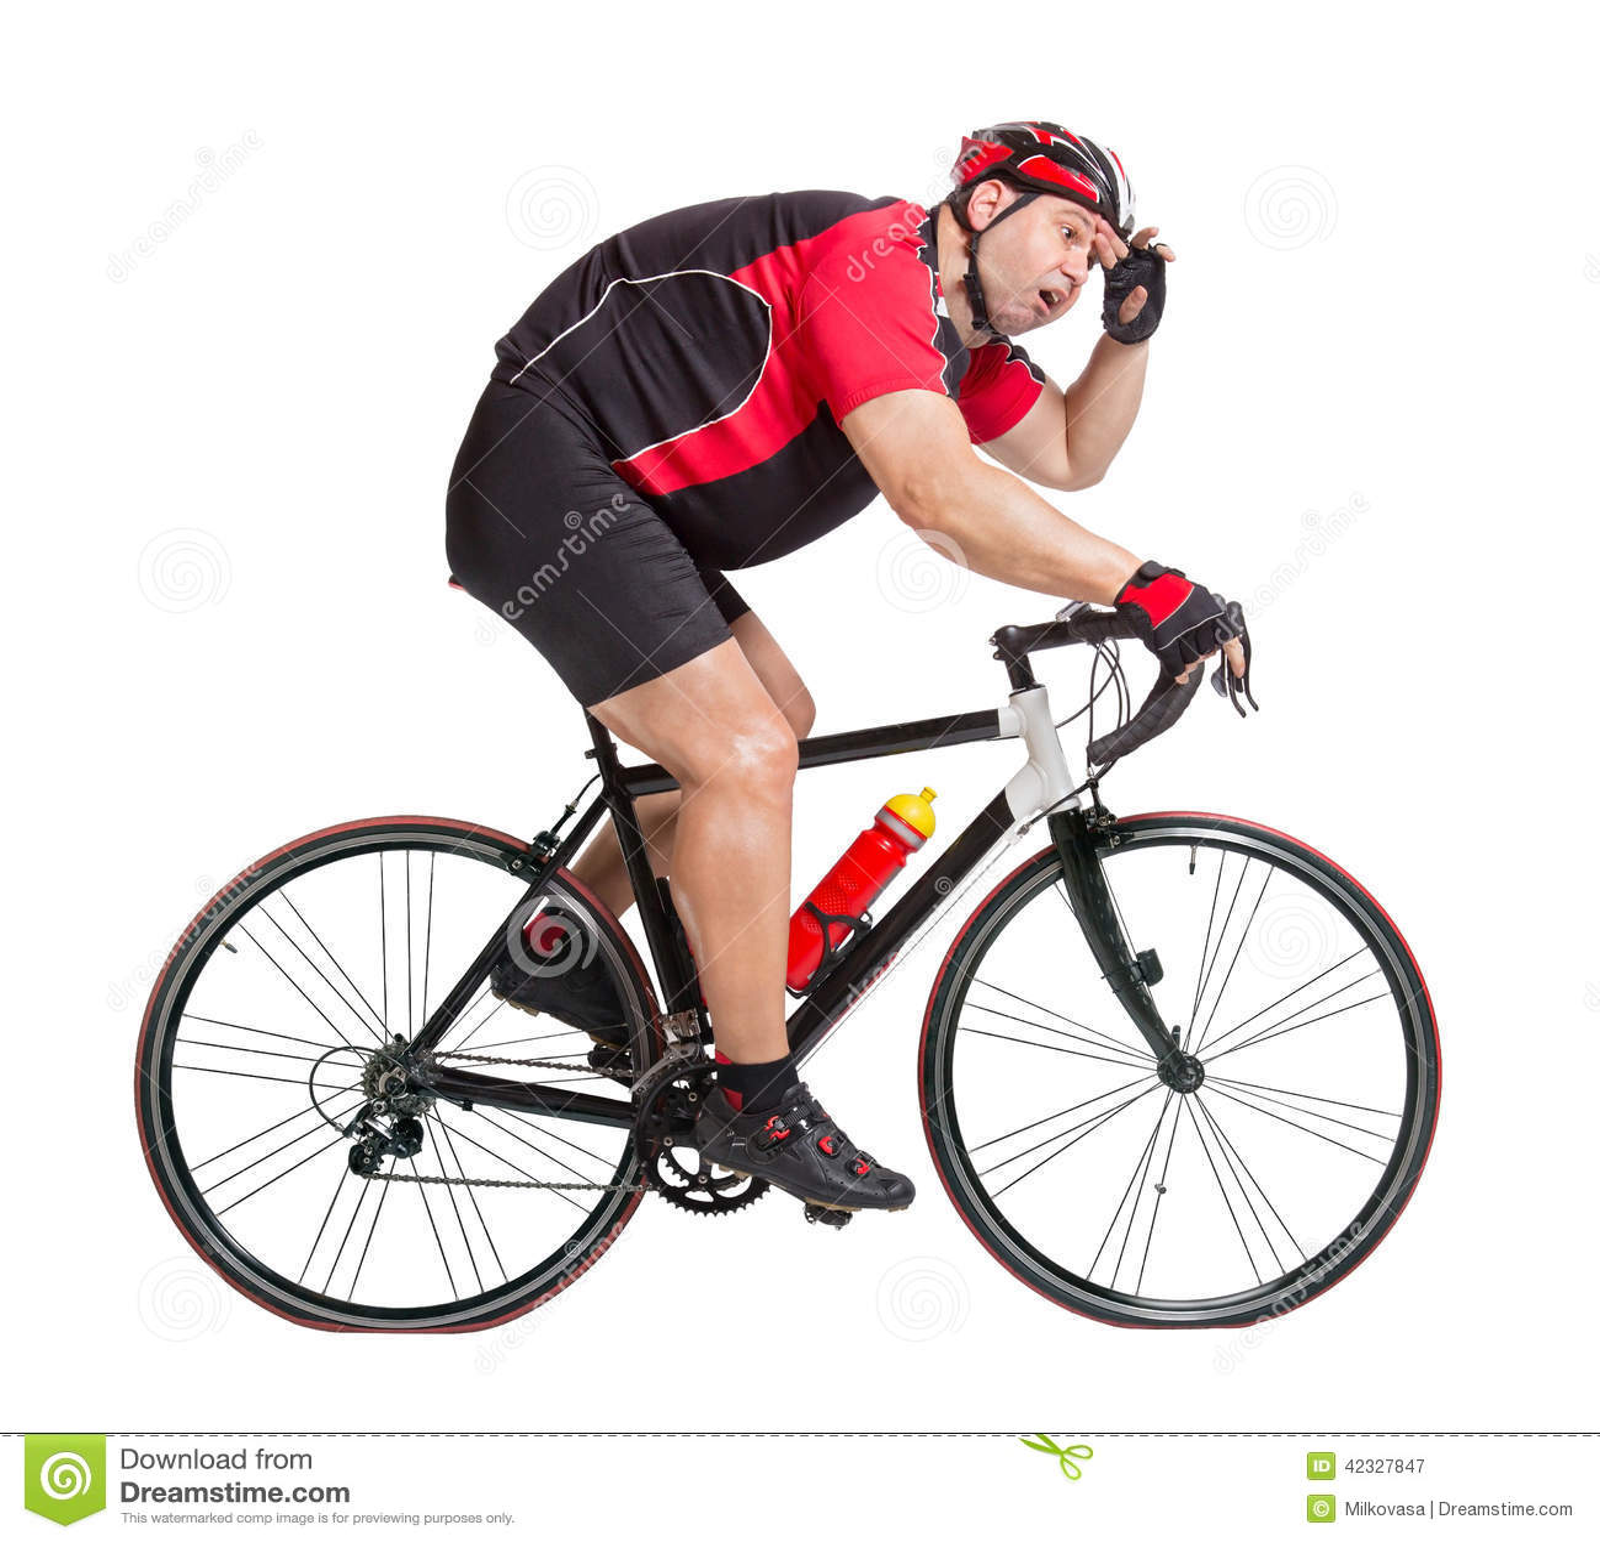 Cycliste obèse avec la difficulté montant une bicyclette